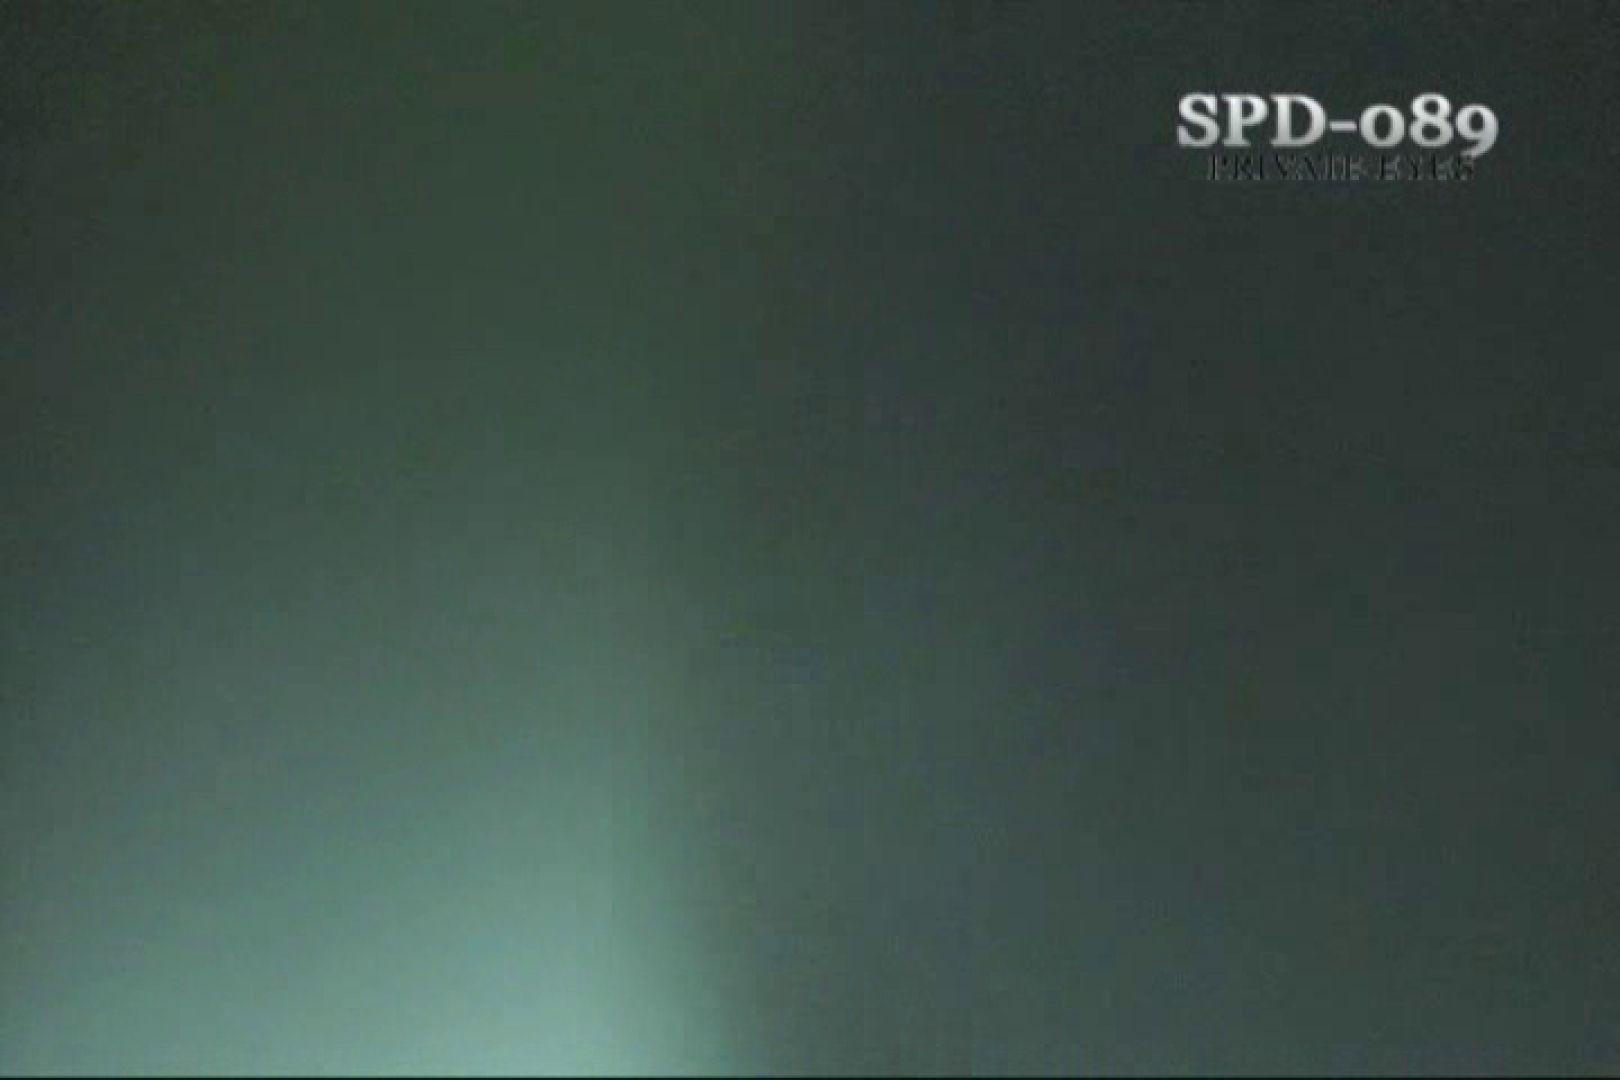 高画質版!SPD-089 厠の隙間 4 厠 | 名作  58pic 19